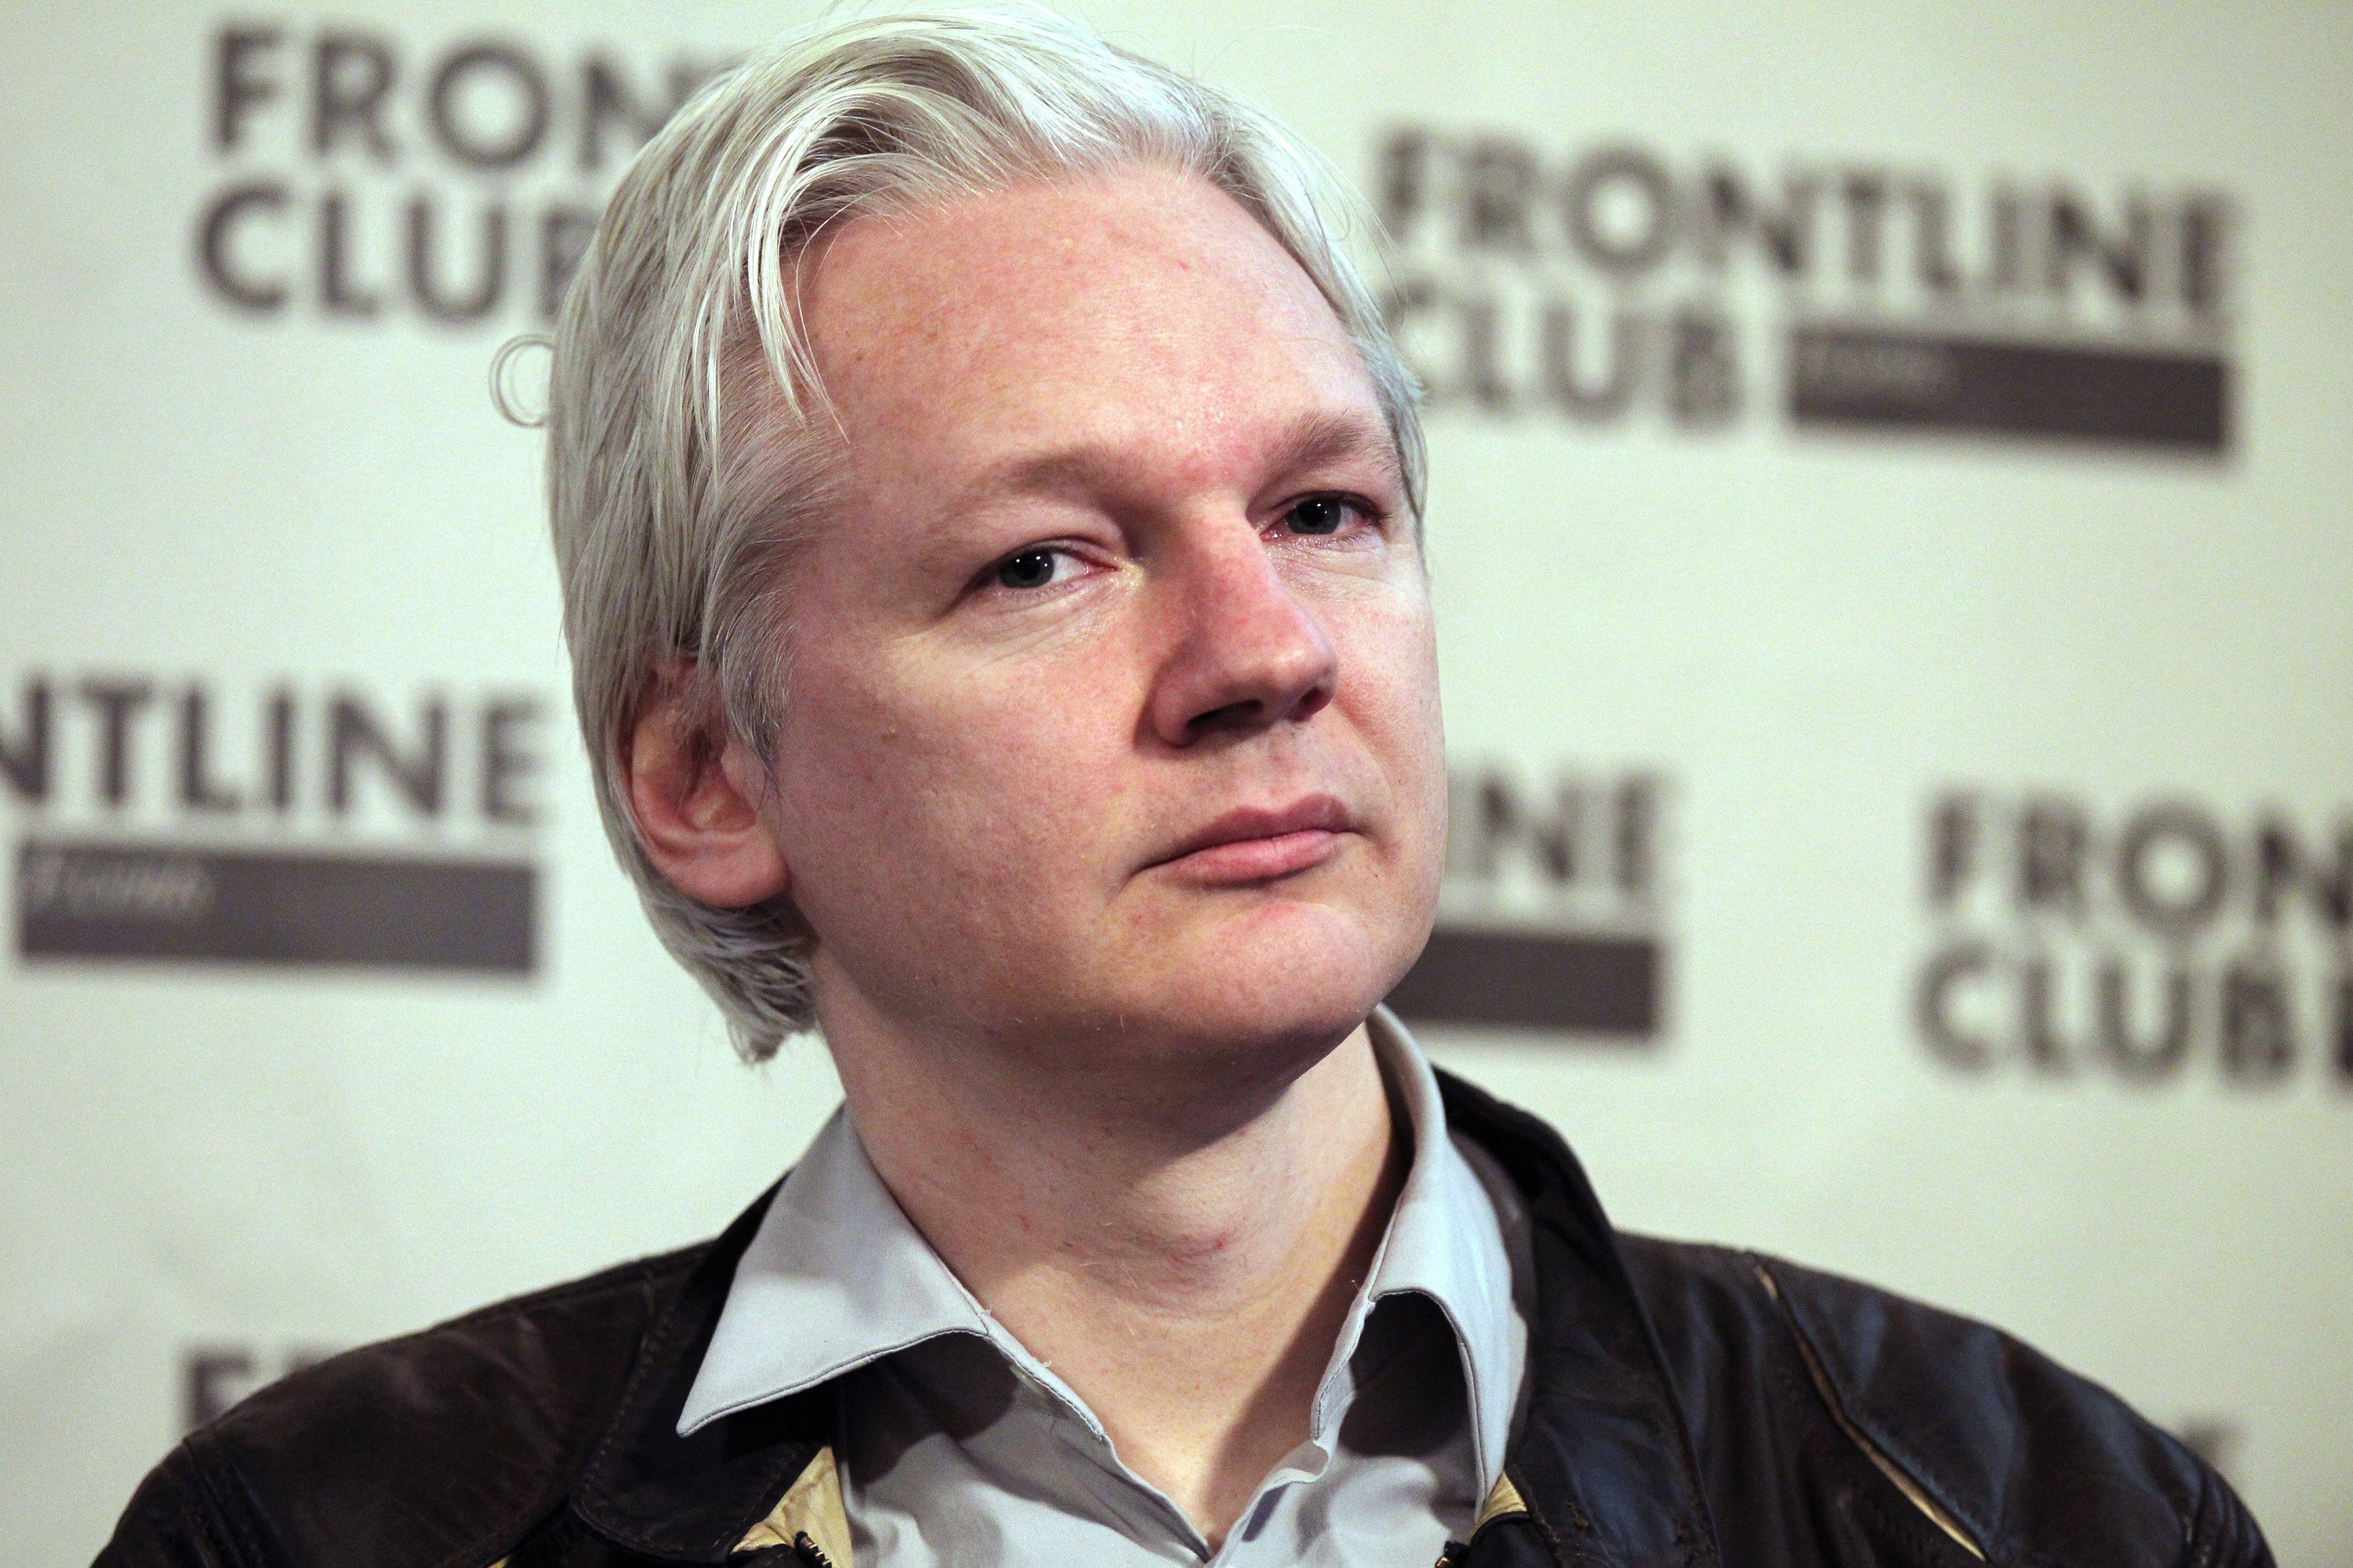 Etats-Unis : Trump Jr publie ses conversations privées avec Wikileaks